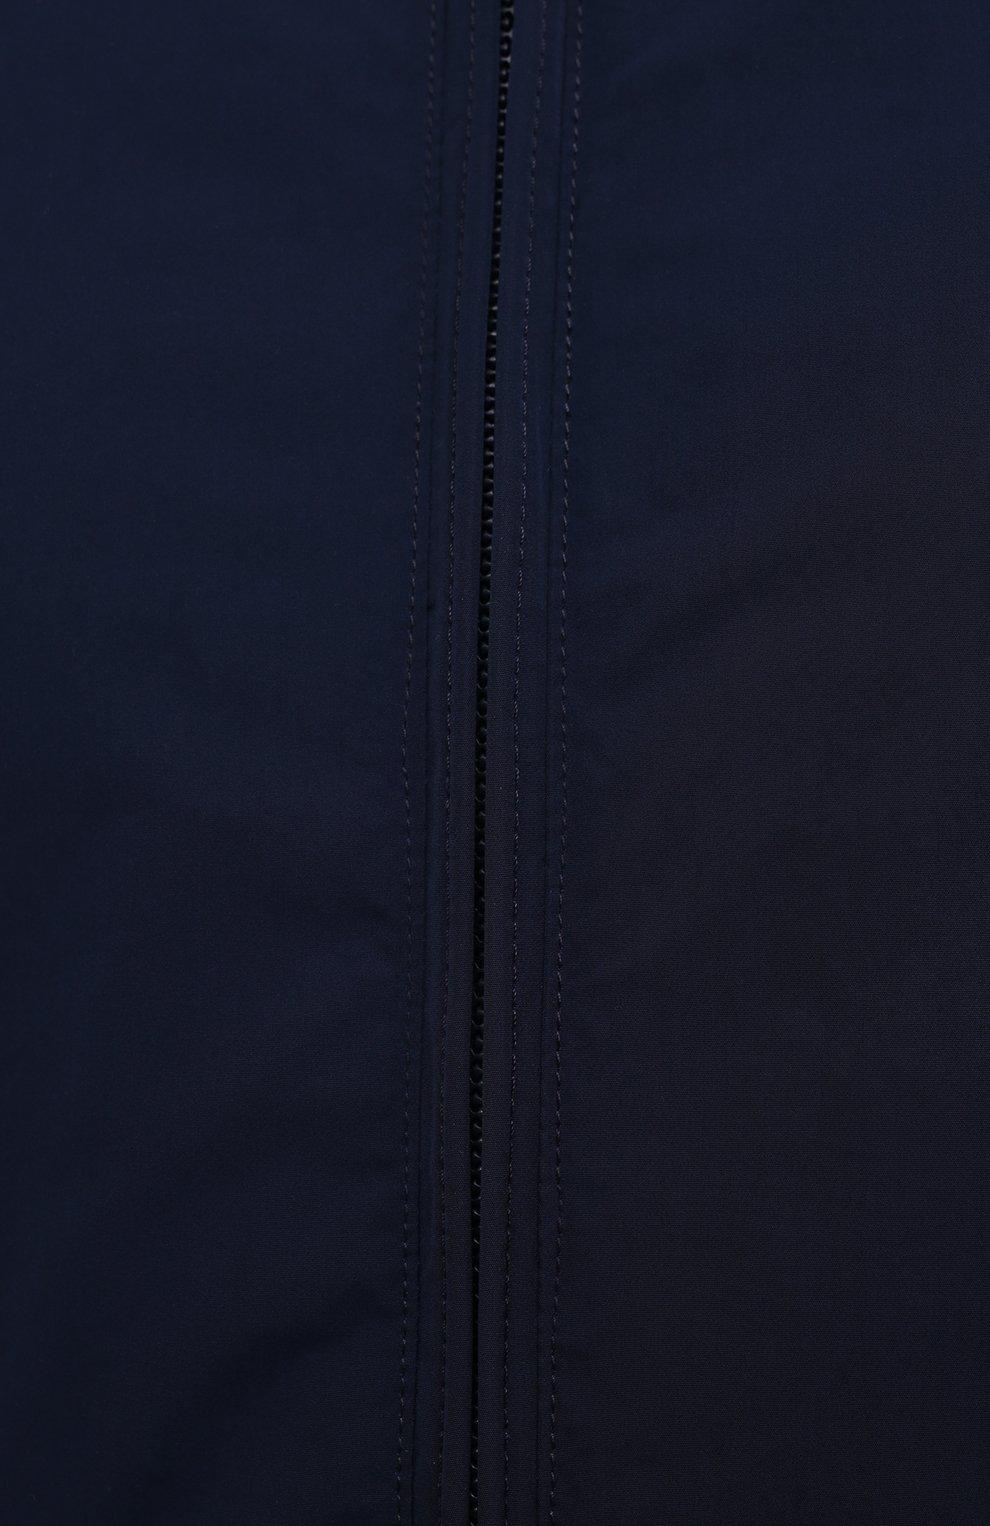 Мужской бомбер ASPESI темно-синего цвета, арт. S1 I I918 G703 | Фото 5 (Кросс-КТ: Куртка; Рукава: Длинные; Принт: Без принта; Материал внешний: Синтетический материал; Материал подклада: Синтетический материал; Длина (верхняя одежда): Короткие; Стили: Кэжуэл)